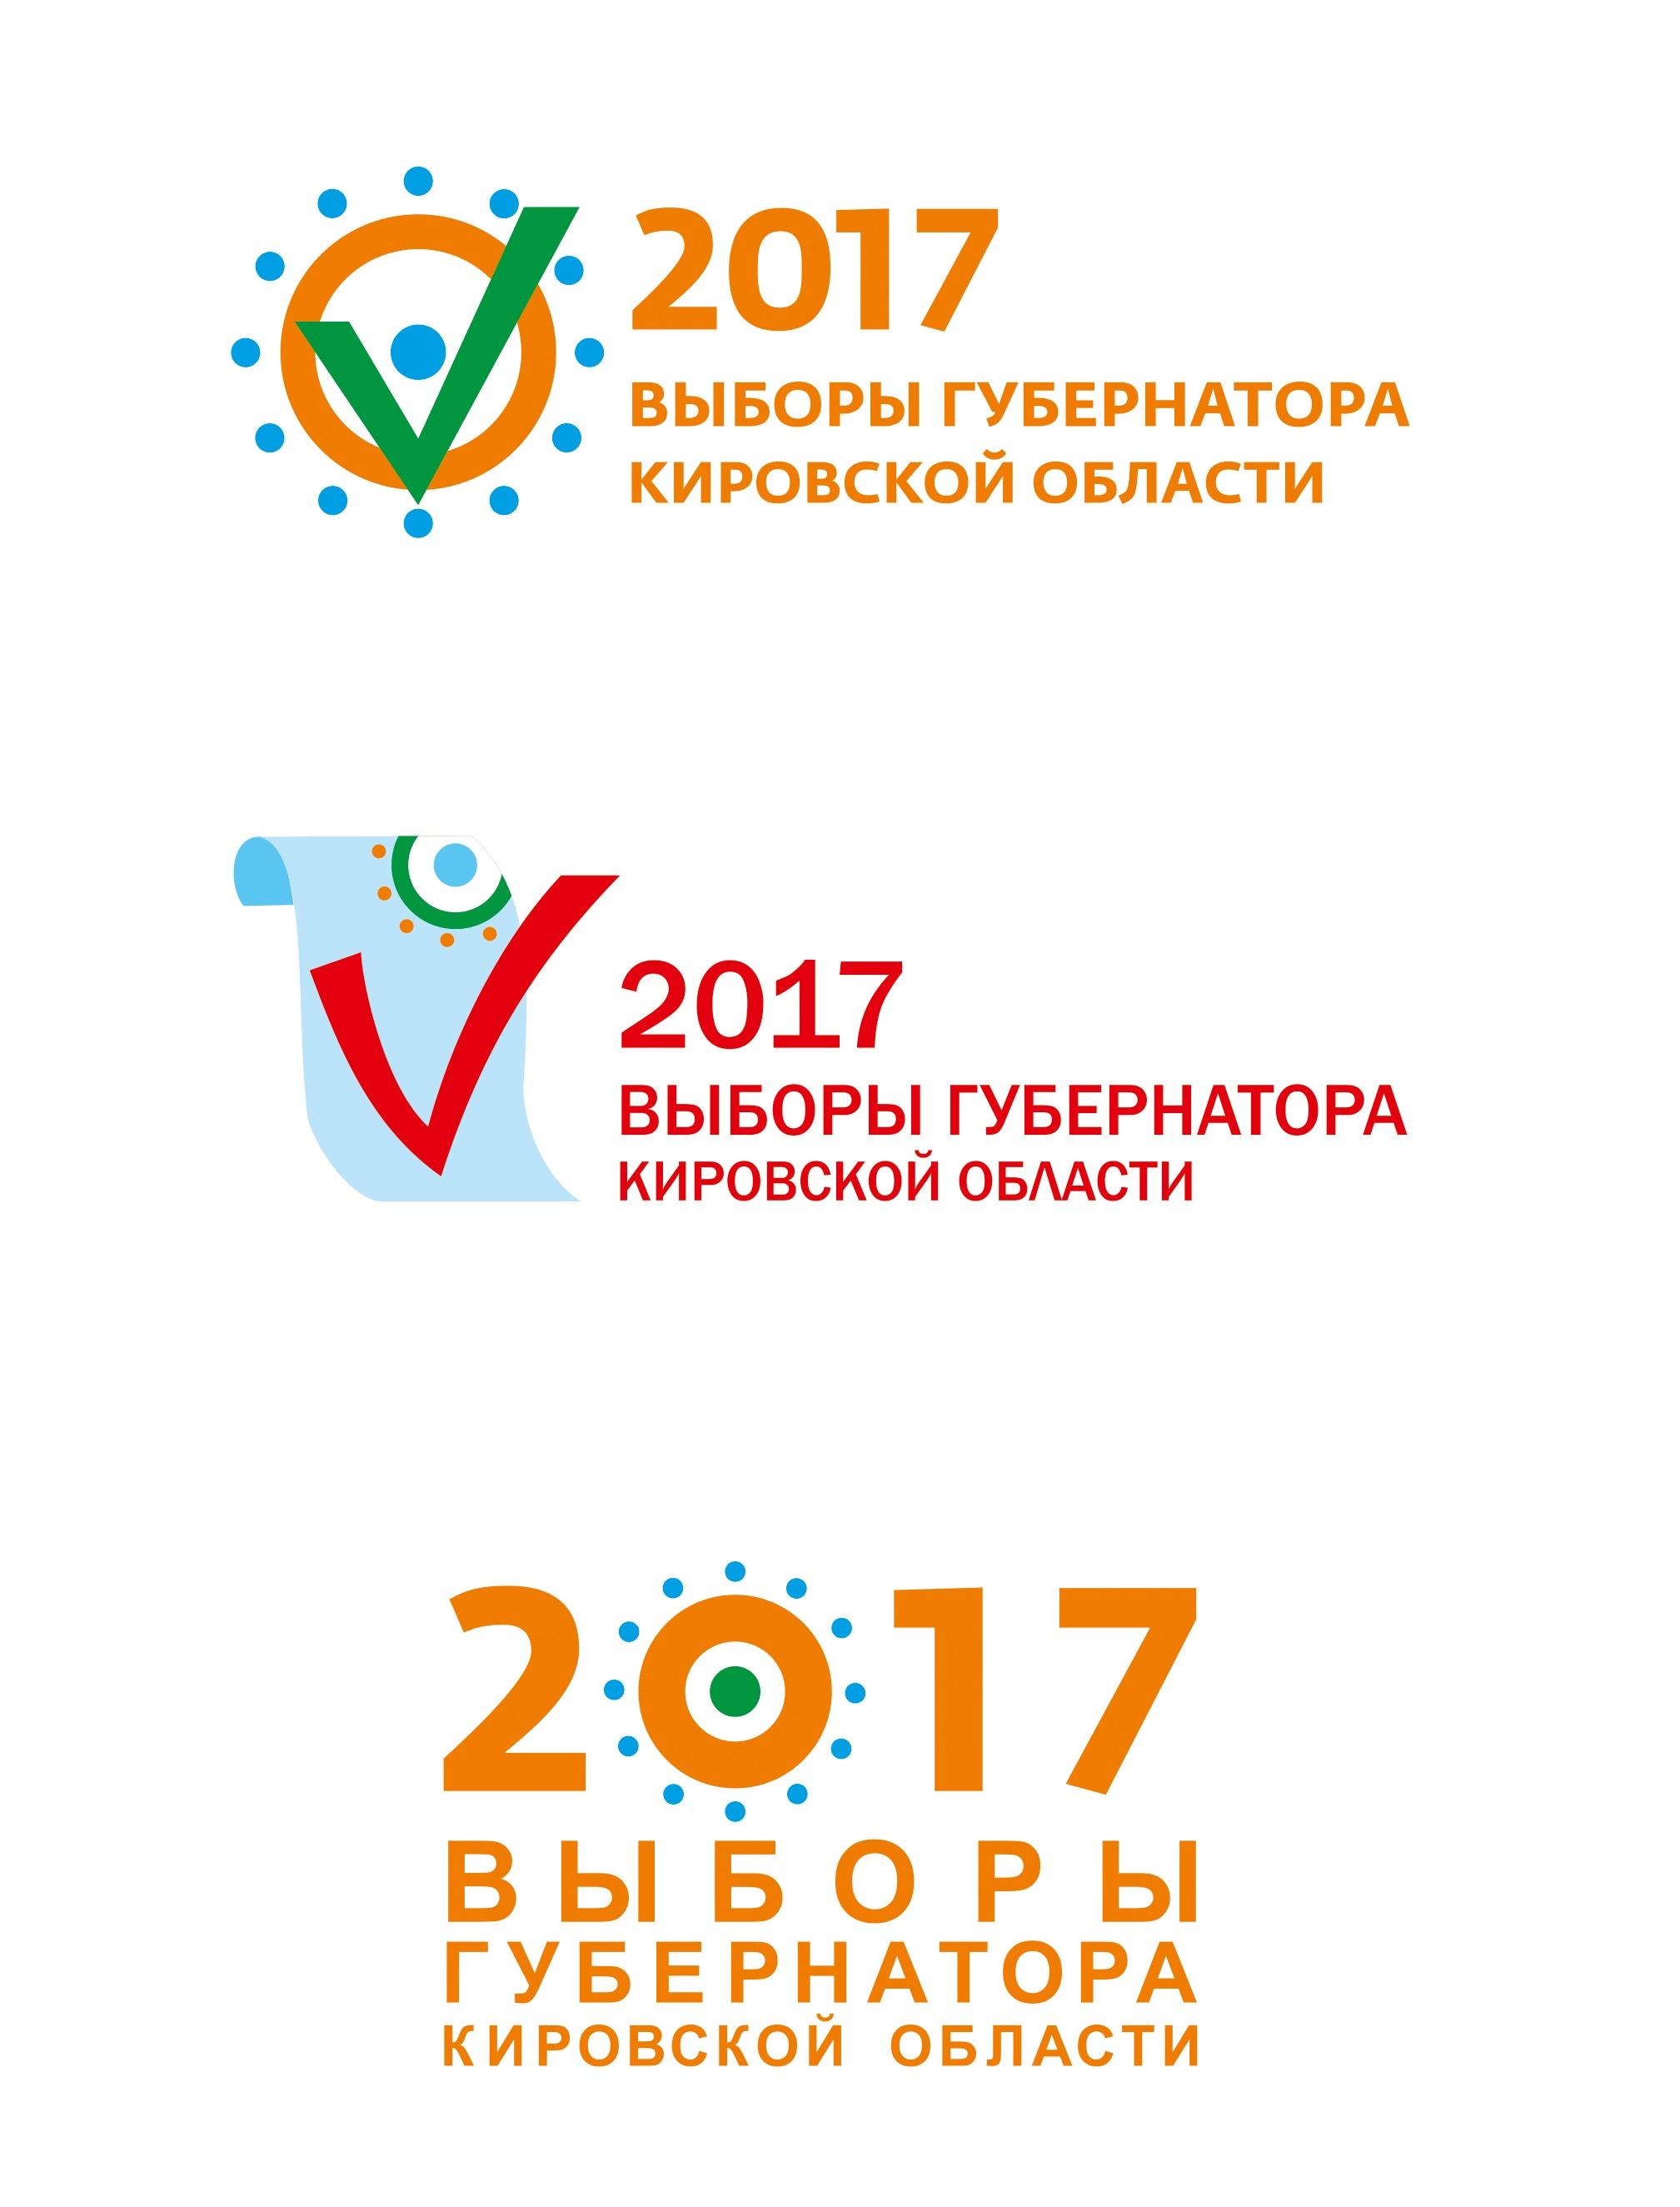 Председатель Избирательной комиссии Кировской области Алексей  Вручение дипломов Избирательной комиссией Кировской области